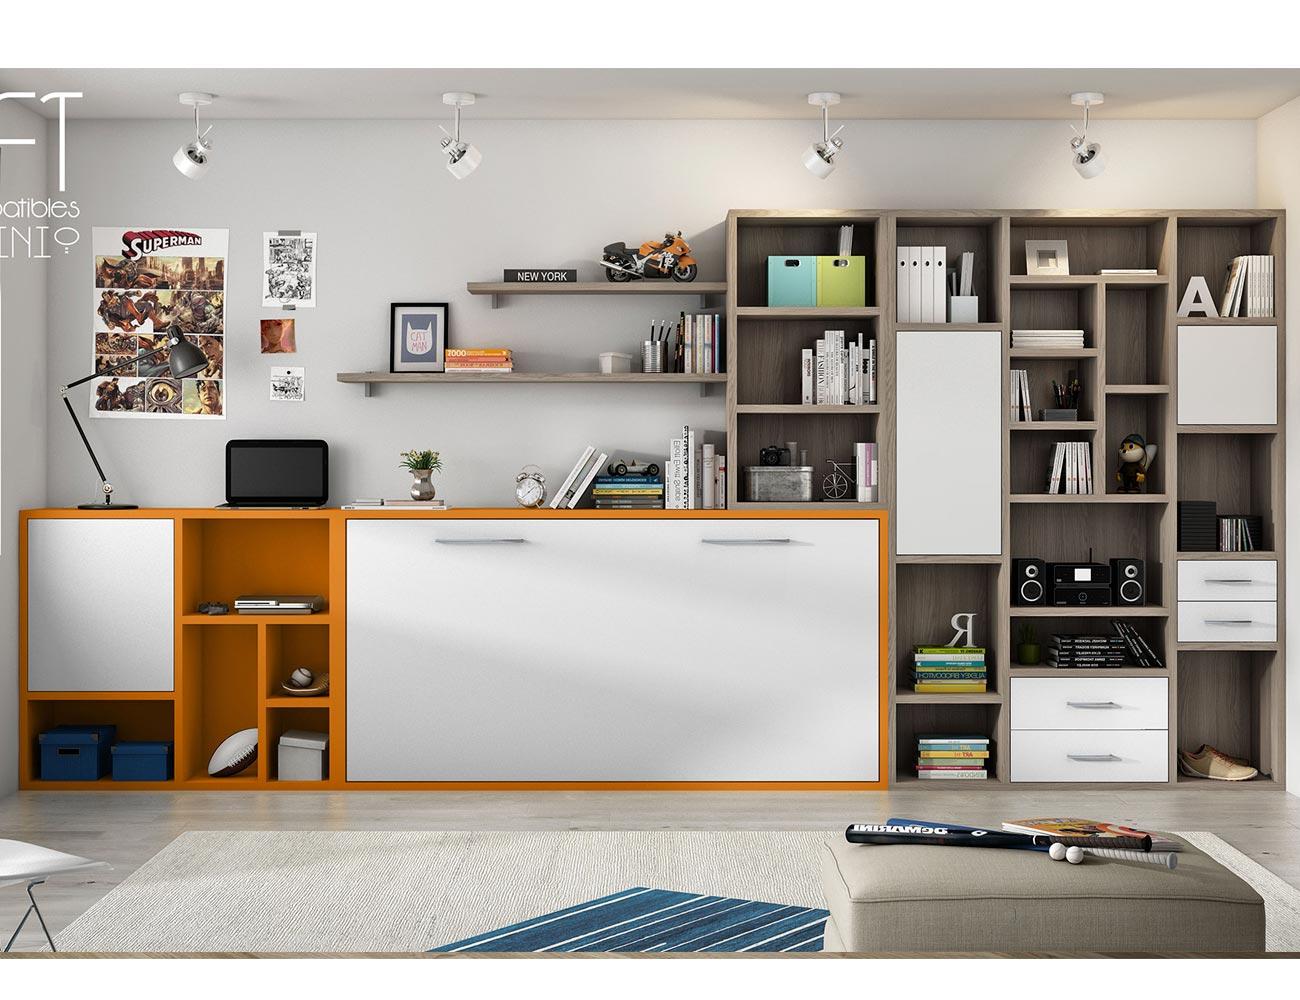 Dormitorio juvenil con cama abatible multifuncional y libreria 13045 factory del mueble utrera - Muebles utrera ...